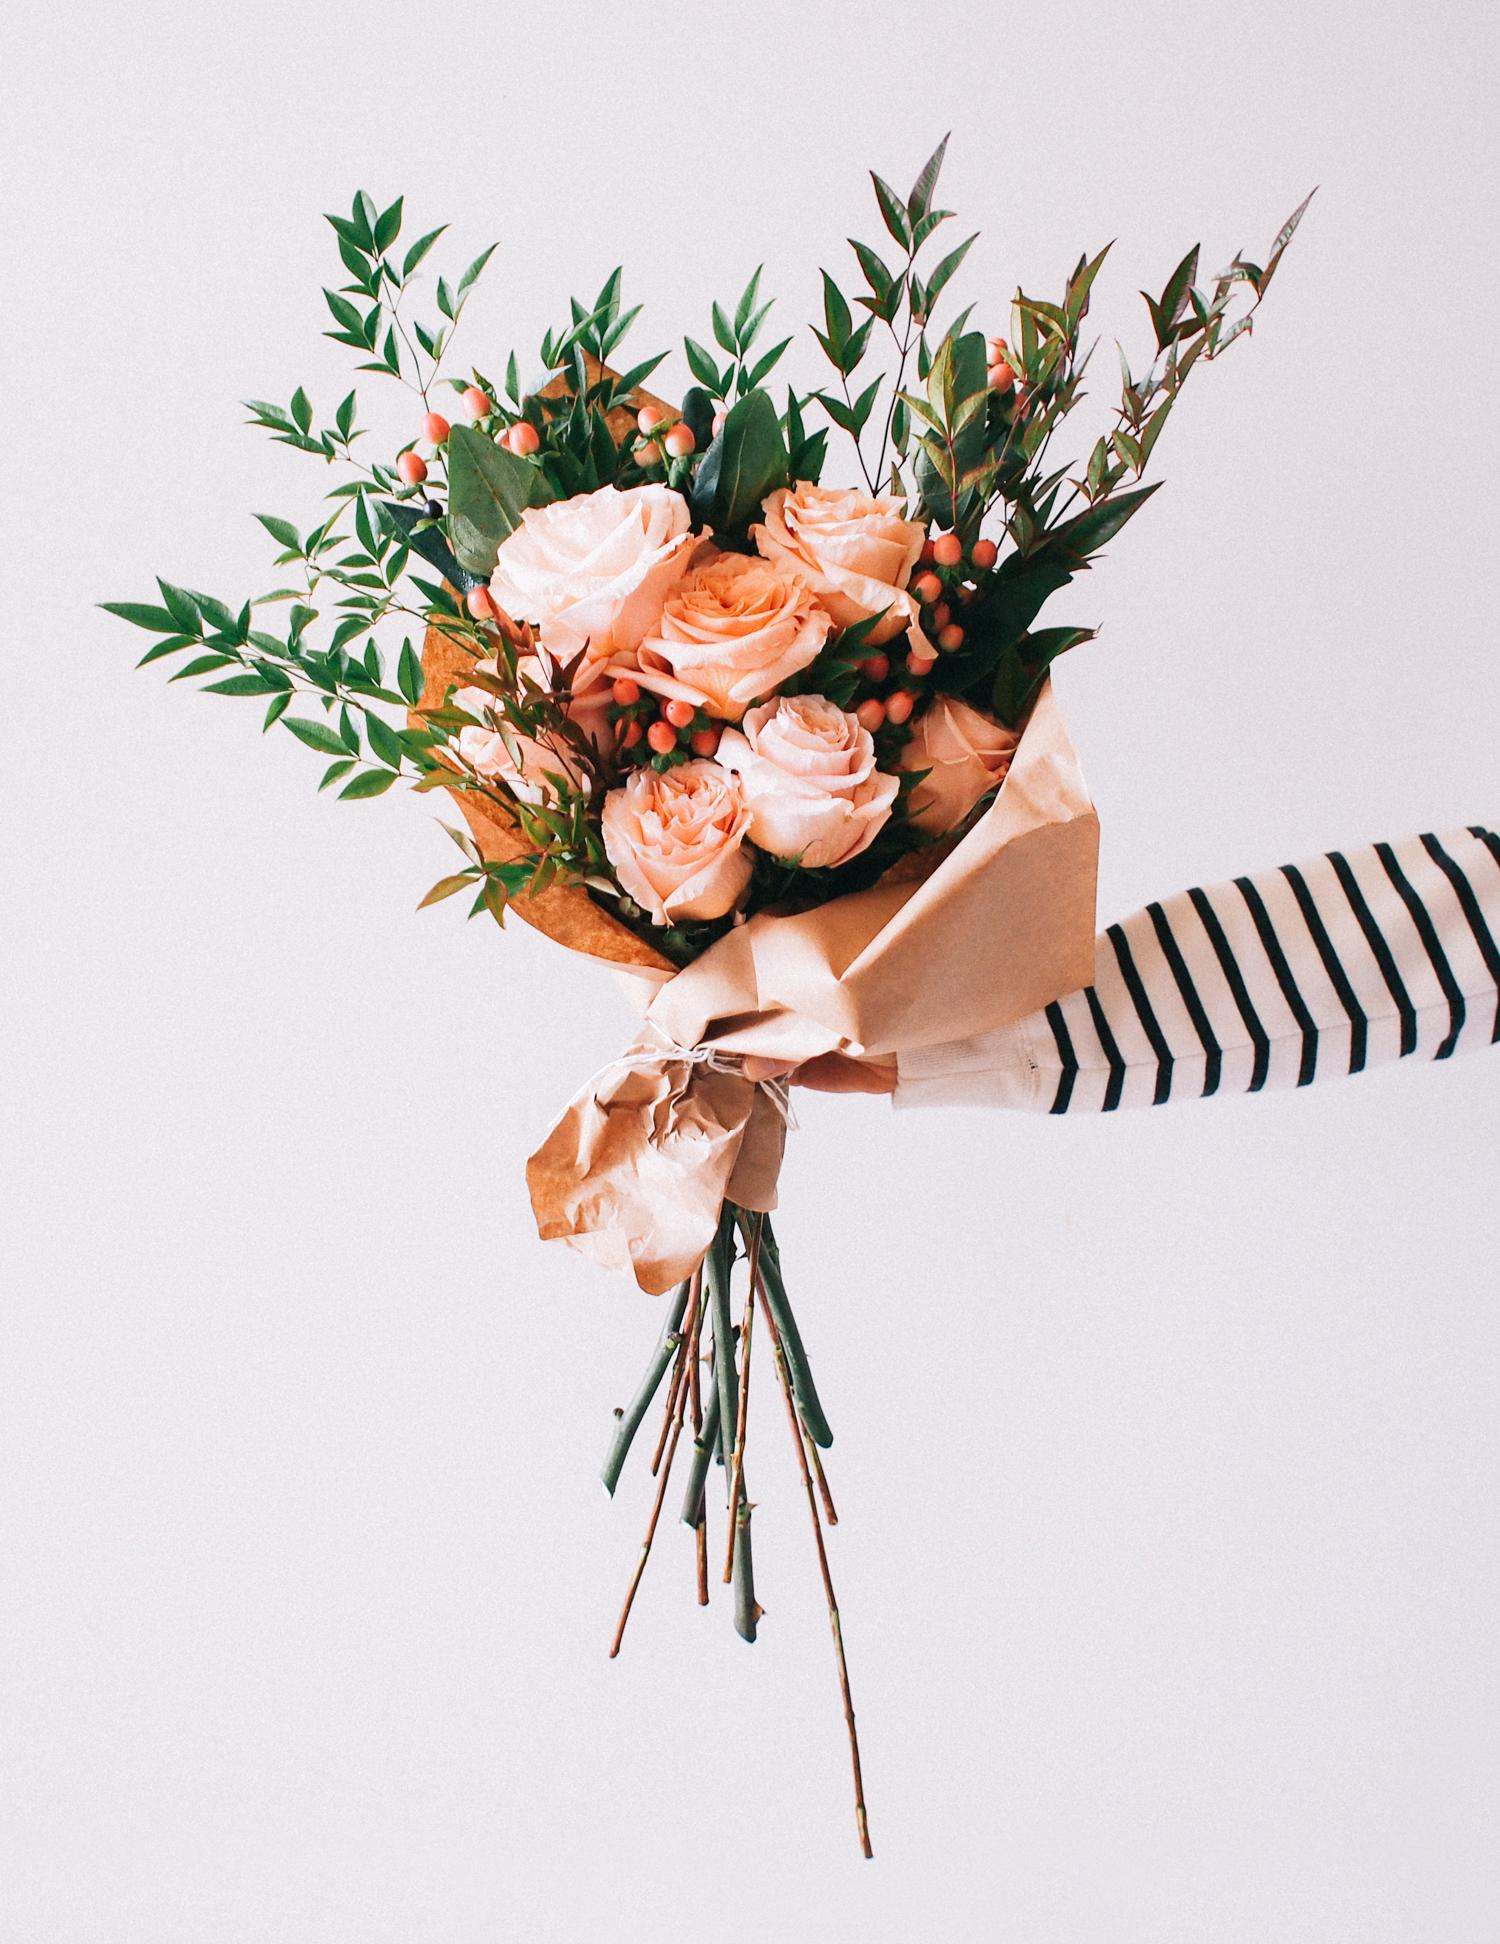 Fall-Floral-Arrangement-1-3.jpg